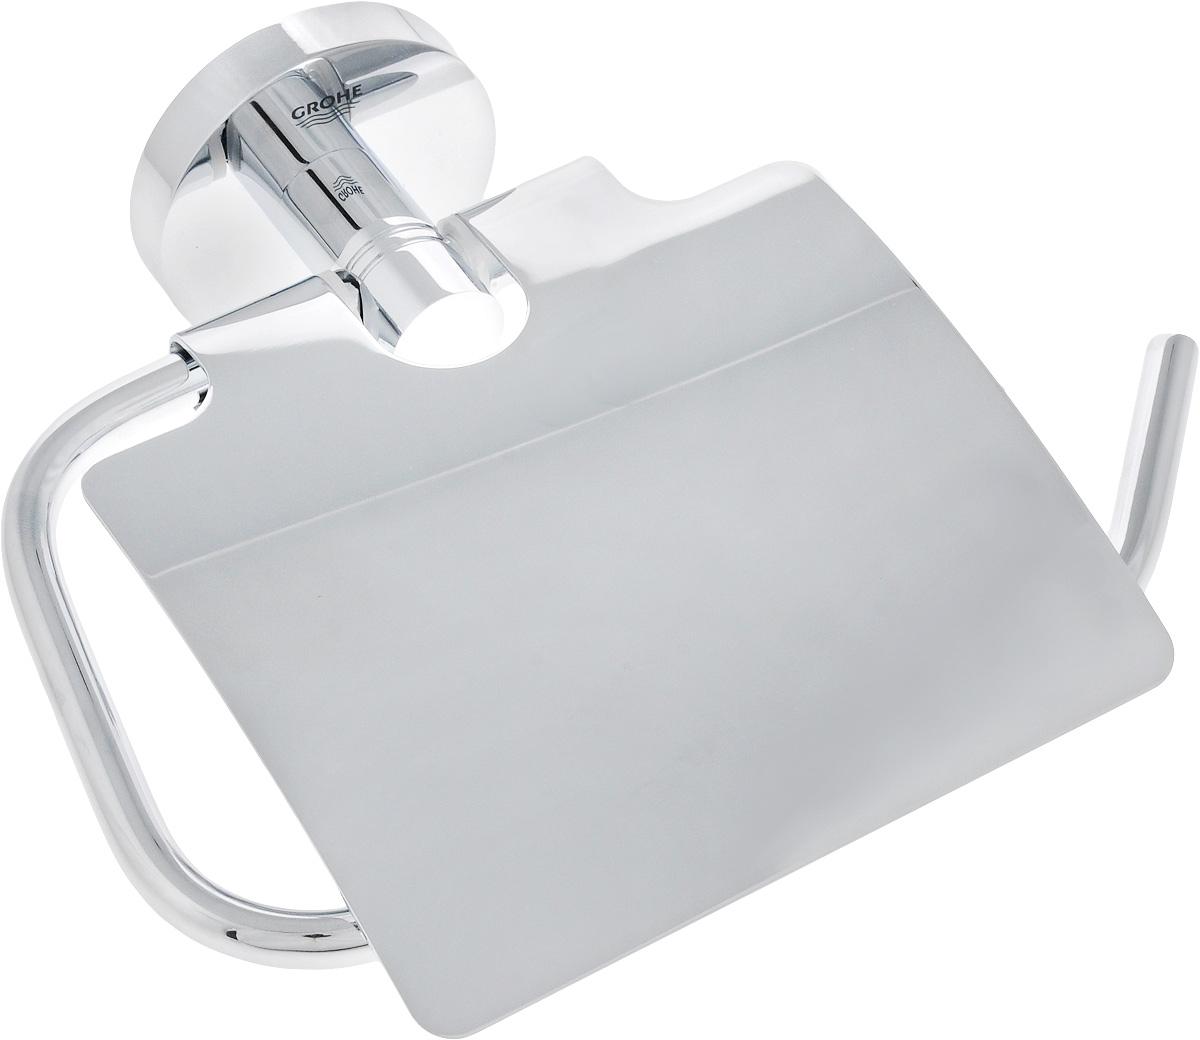 Держатель для туалетной бумаги Grohe Essentials, с крышкой, 16,5 х 5,5 х 14 см. 40367001BL505Держатель для туалетной бумаги с крышкой Grohe Essentials New выполнен из высококачественного металла. Благодаря строгому и лаконичному дизайну, а также ослепительному хромированному покрытию StarLight он будет великолепно смотреться в интерьере вашей ванной комнаты долгие годы. Изделие крепится к стене при помощи шурупов (входит в комплект).